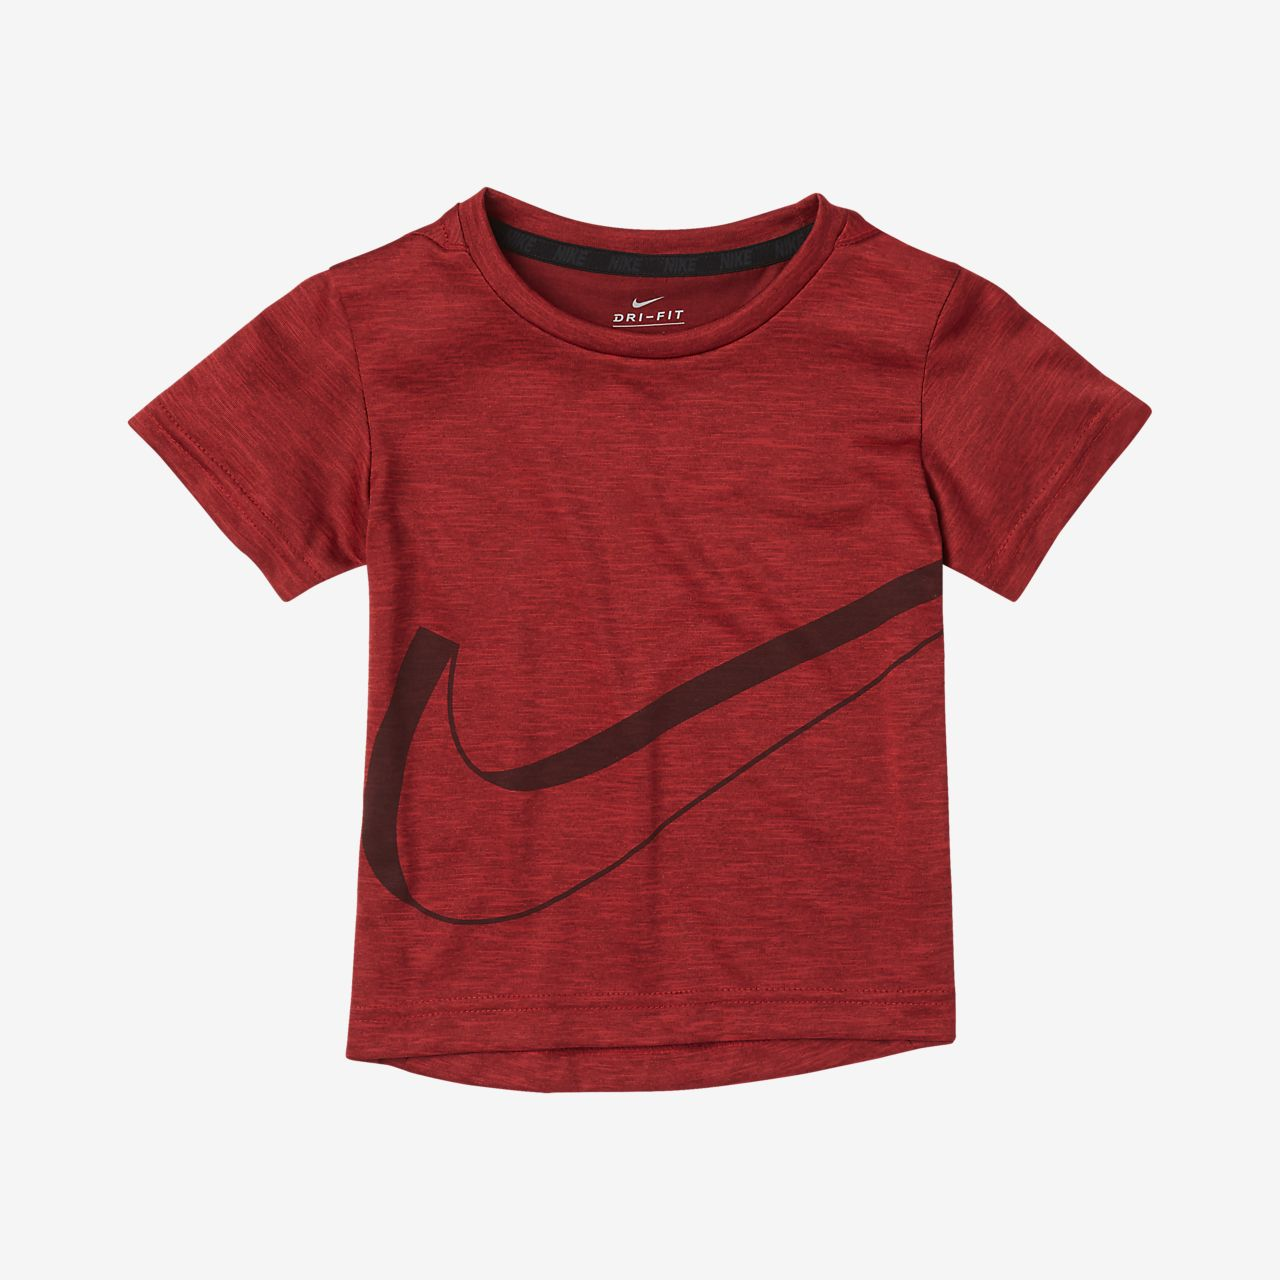 Nike Breathe Toddler T-Shirt